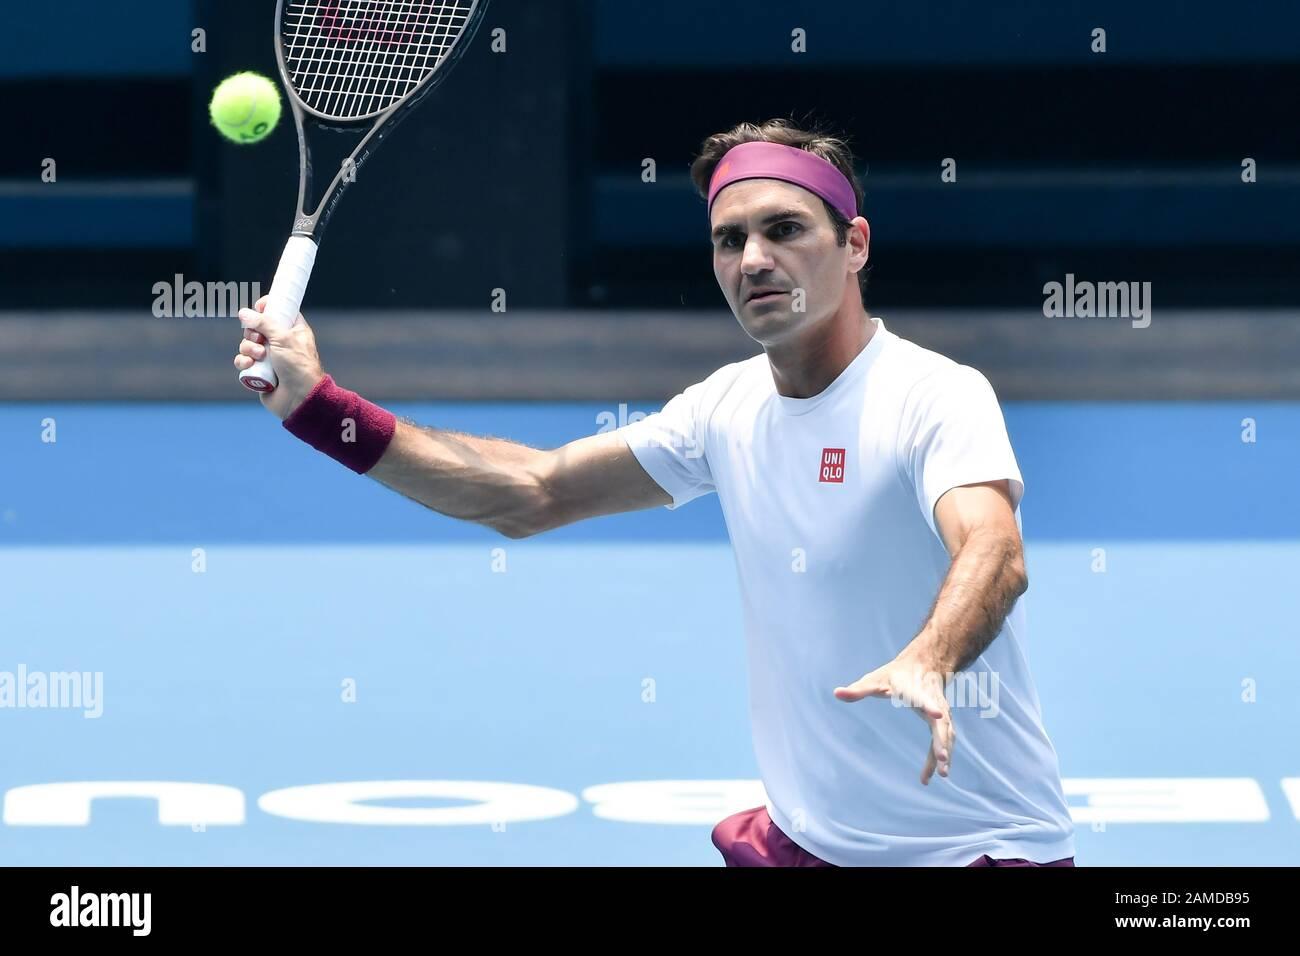 Melbourne Australia 13th Jan 2020 Roger Federer